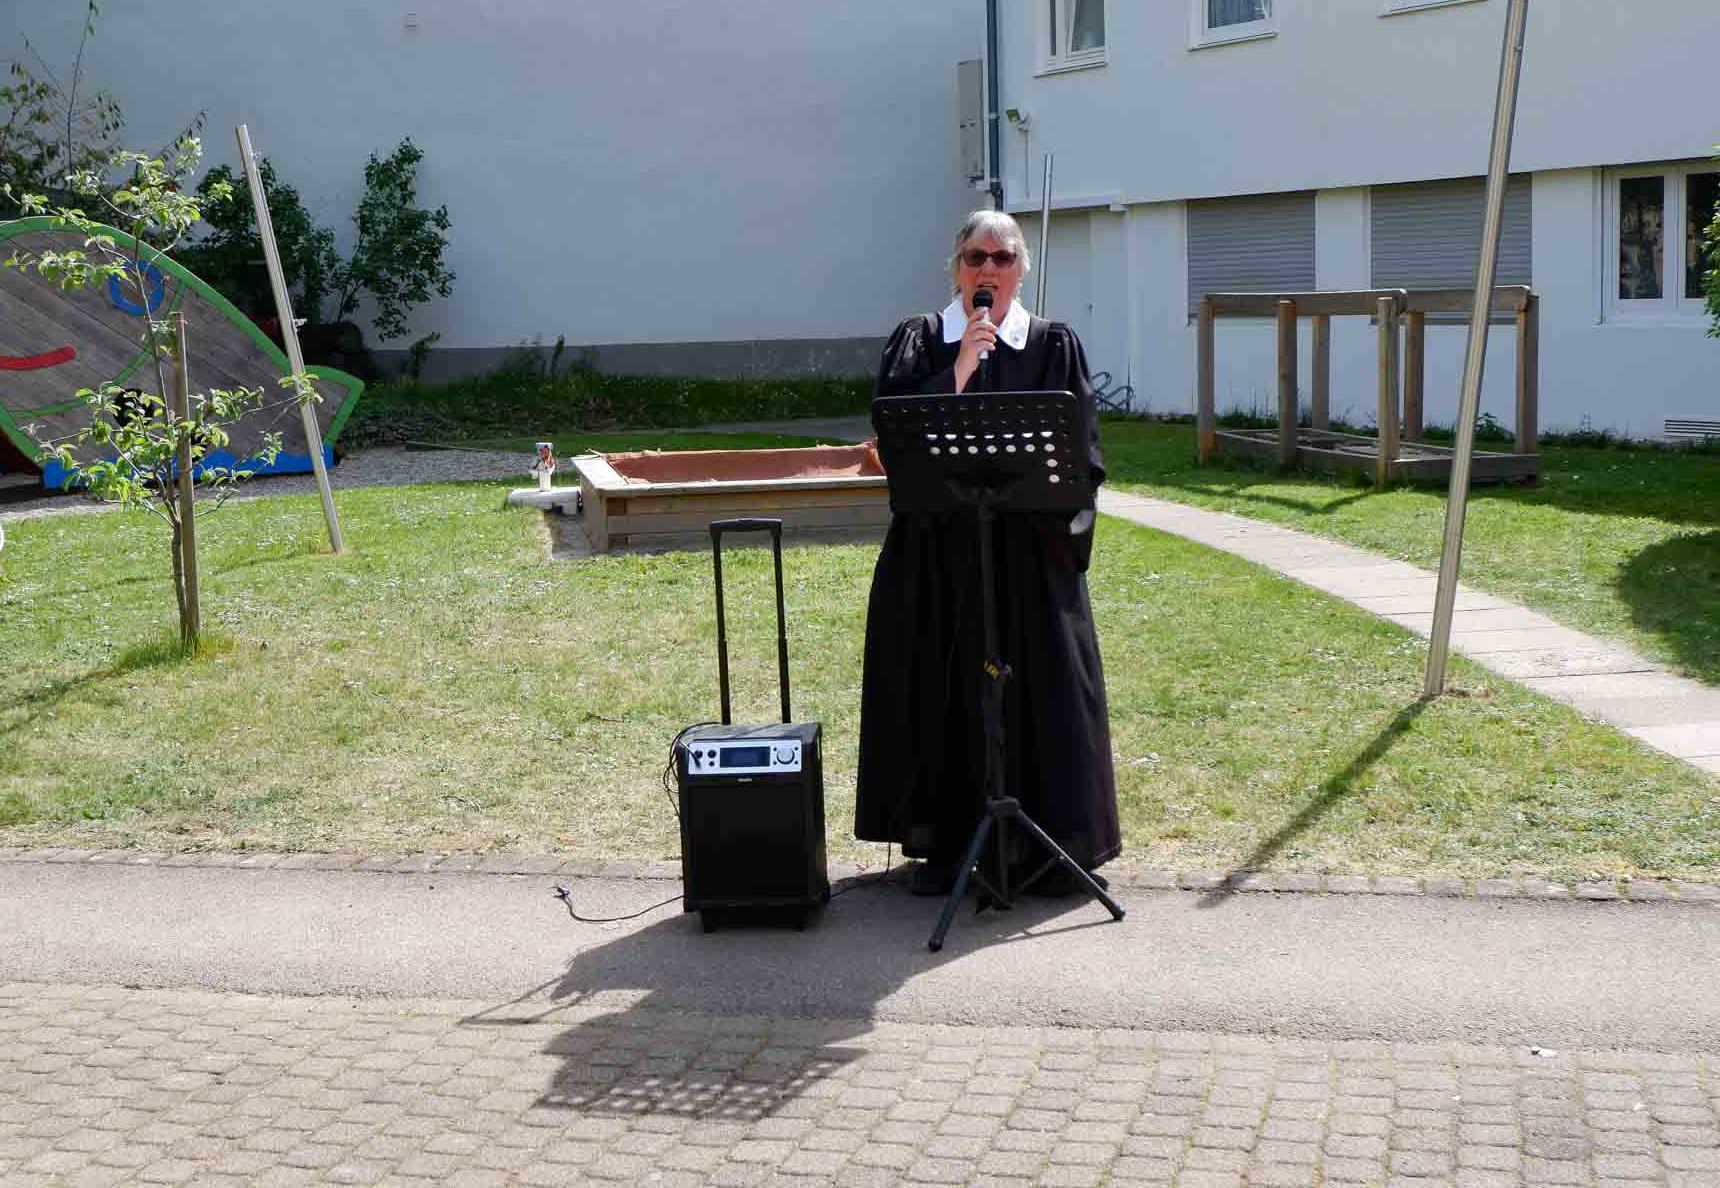 2020-04-17-Gottesdienst-im-Freien-Evangelisches-Stift-Freiburg-1920px-9719